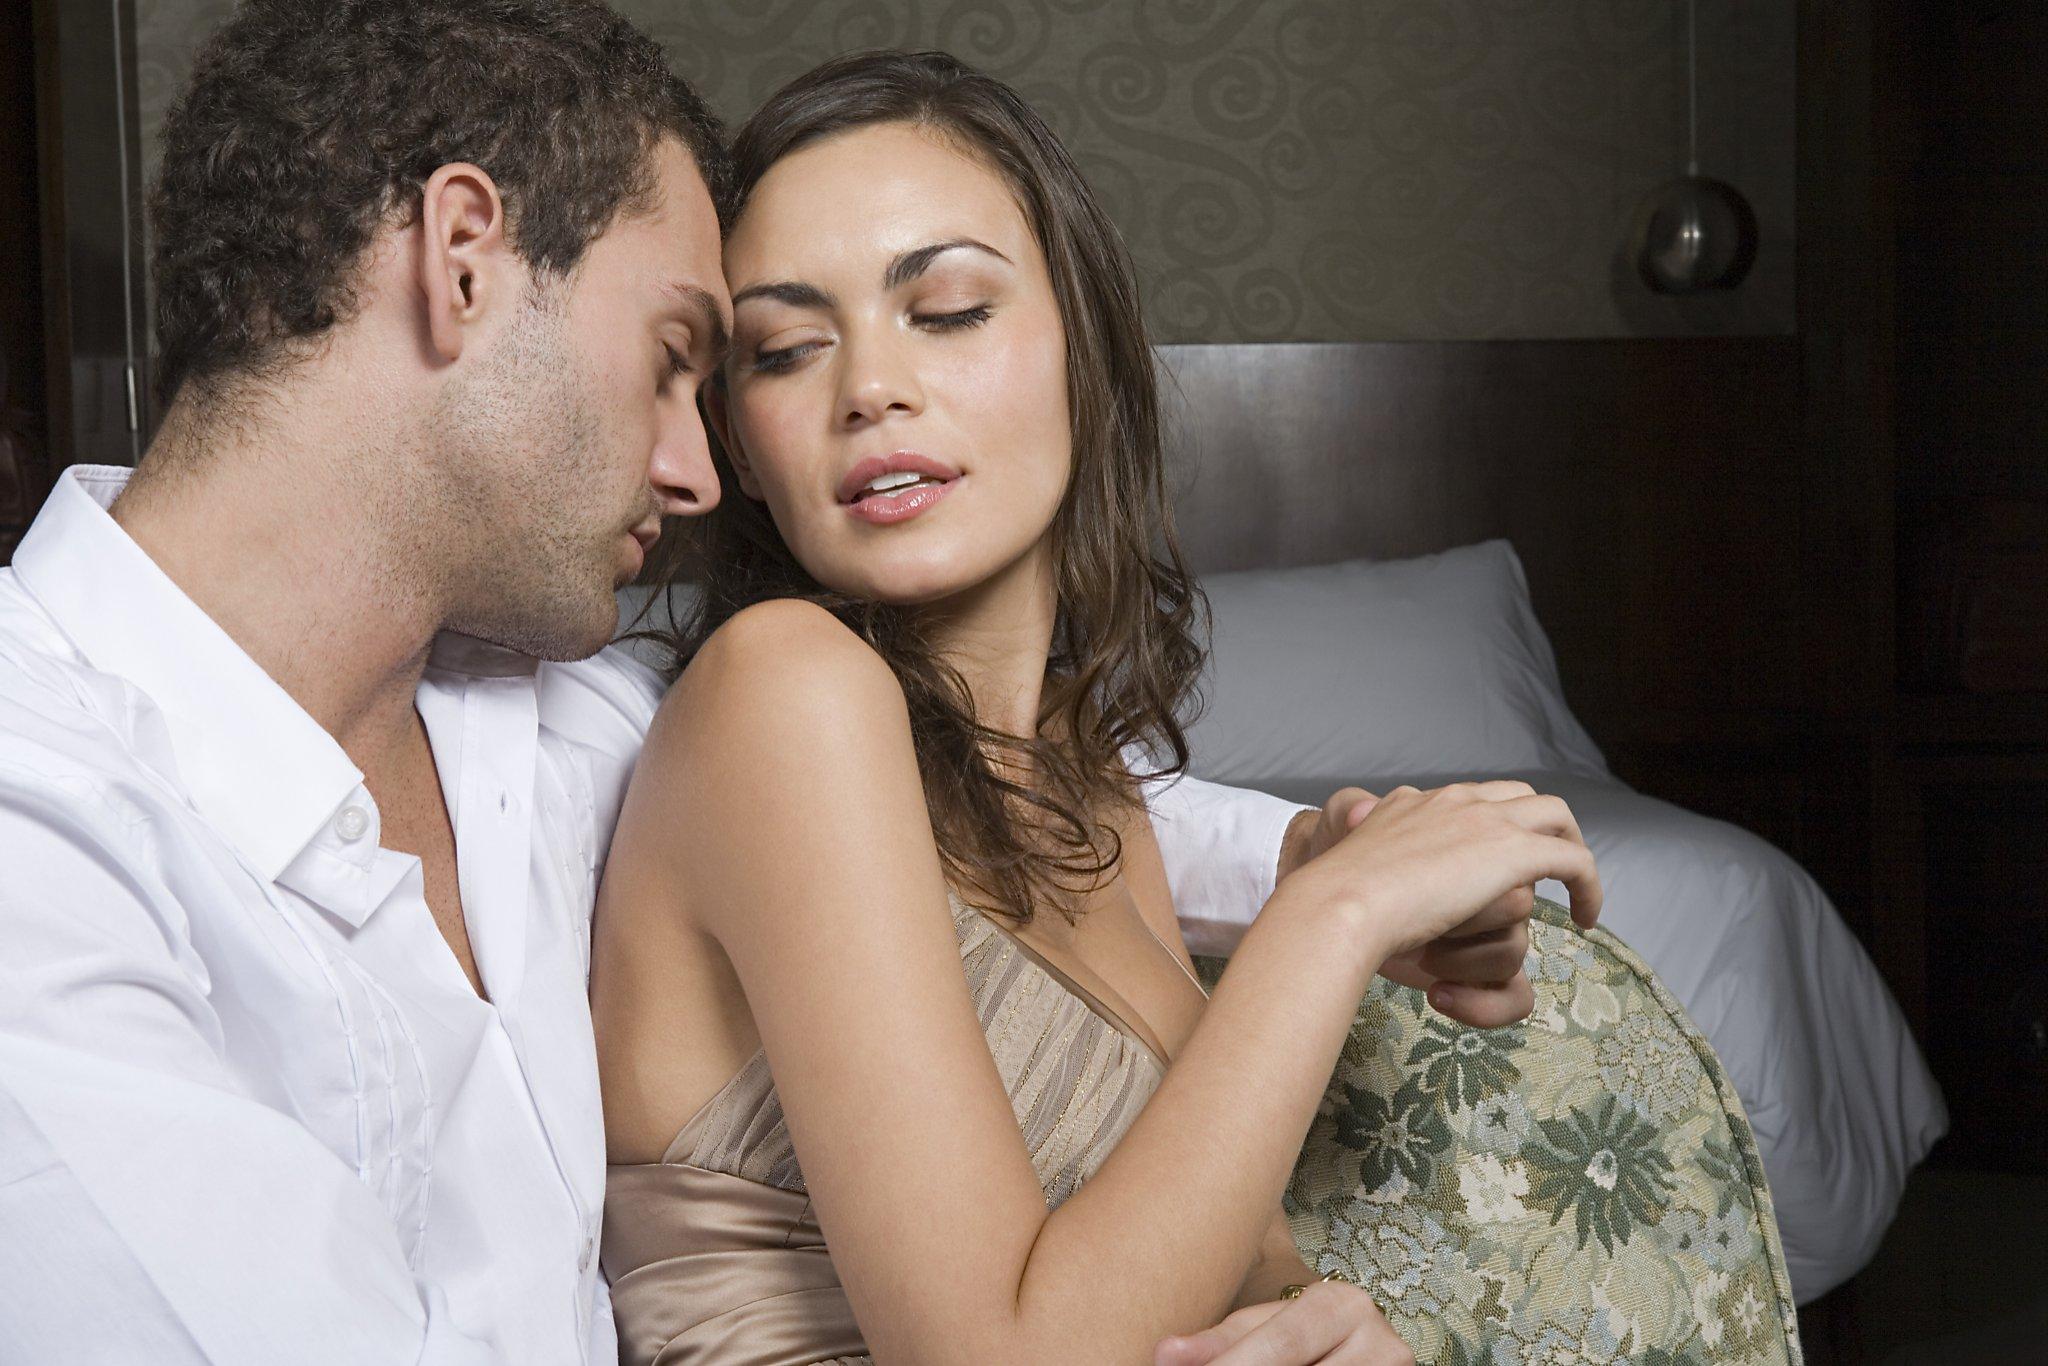 Рассказ муж с другом, Истории про секс. У меня был секс с другом мужа - что 20 фотография